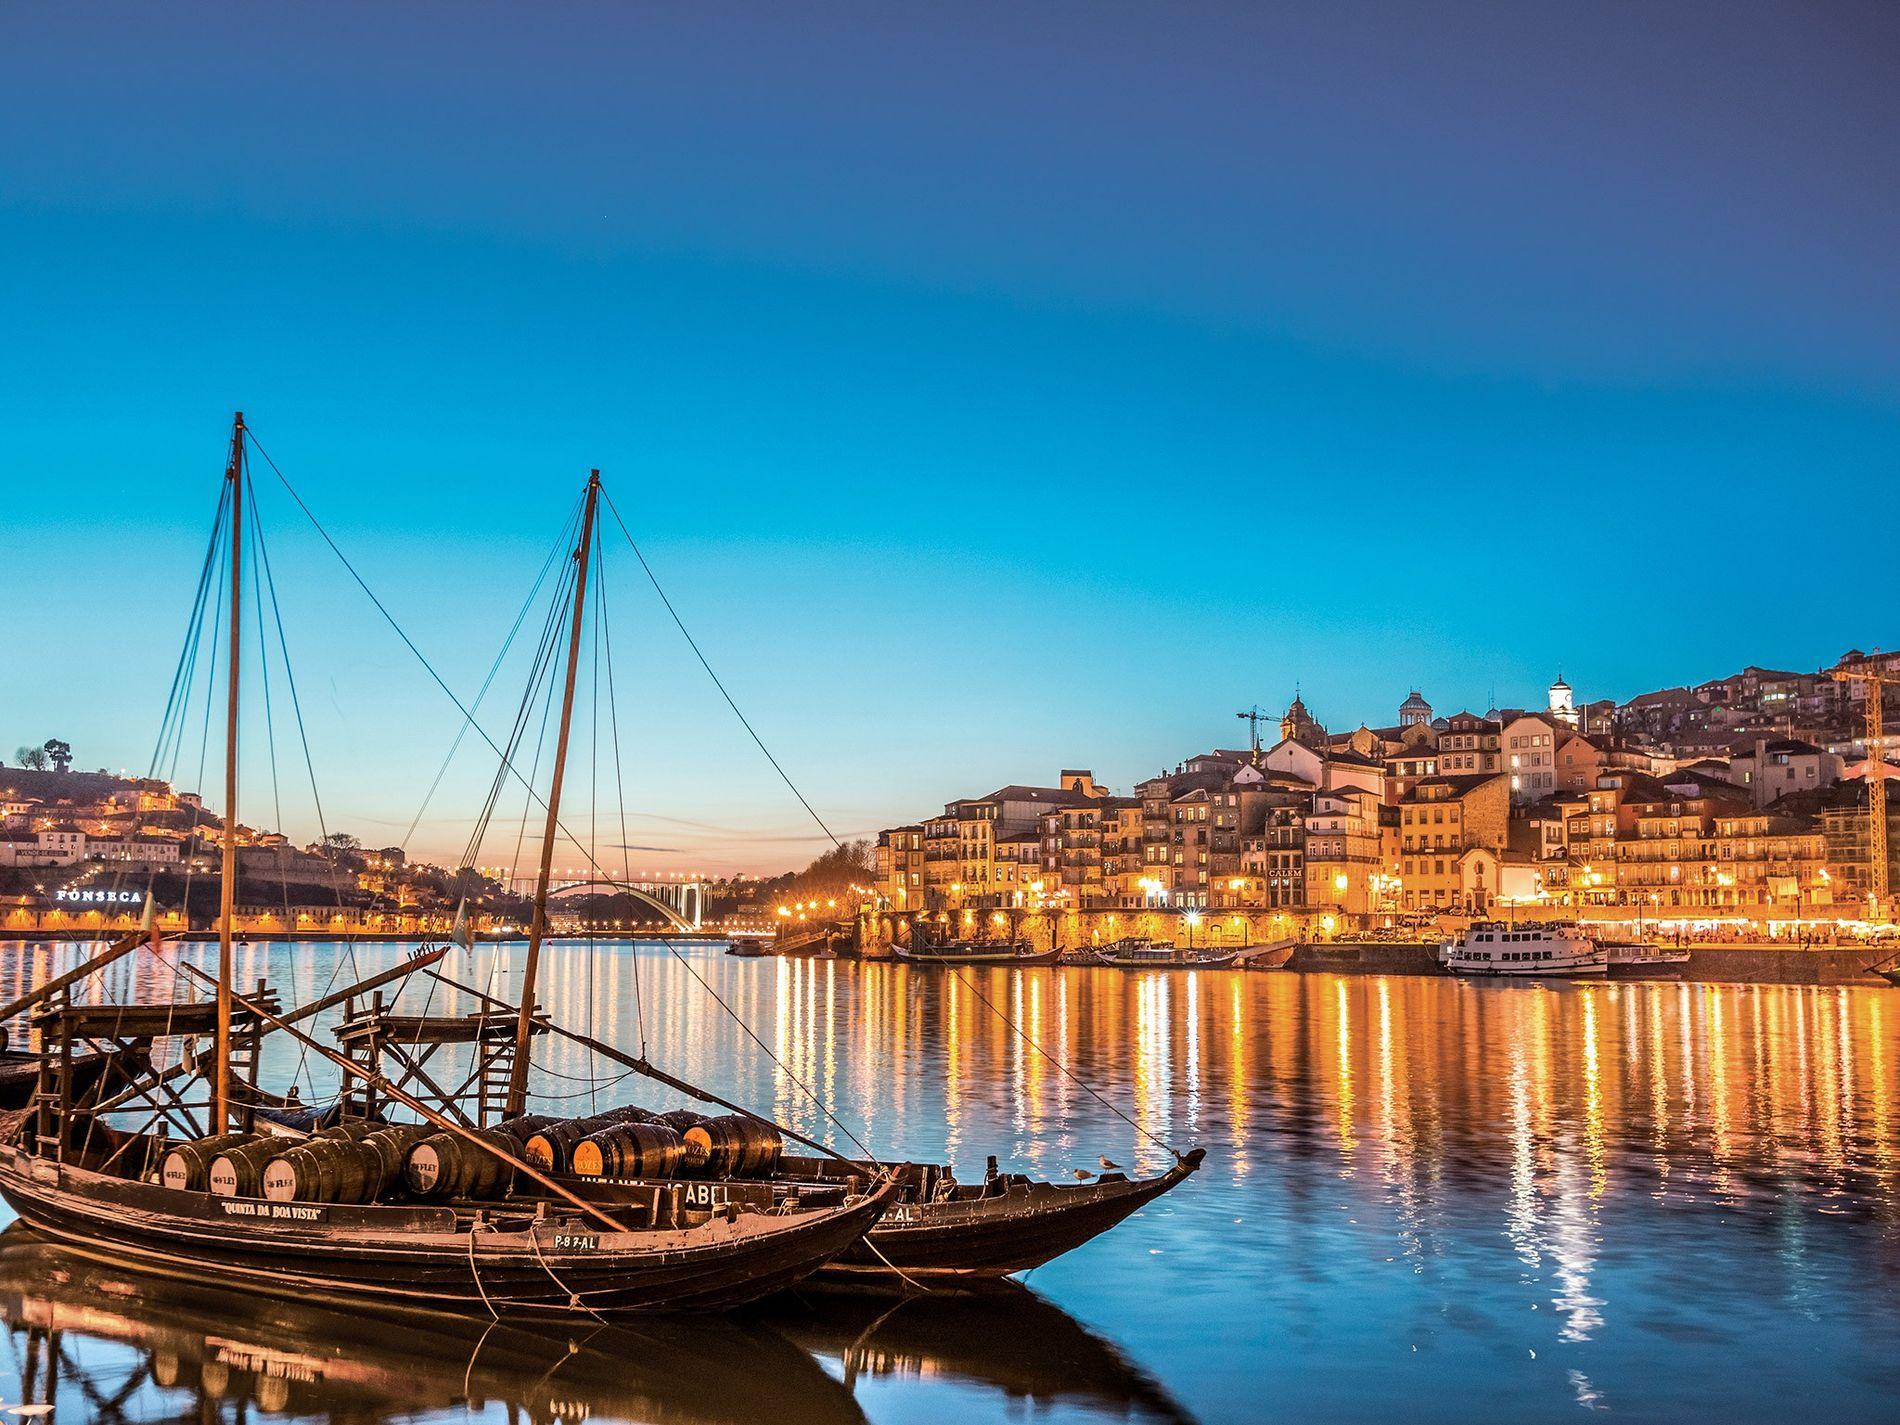 A cidade do Porto, com as suas seis pontes sobre o rio Douro e os barris infinitos de vinho do Porto, deslumbra ao anoitecer.